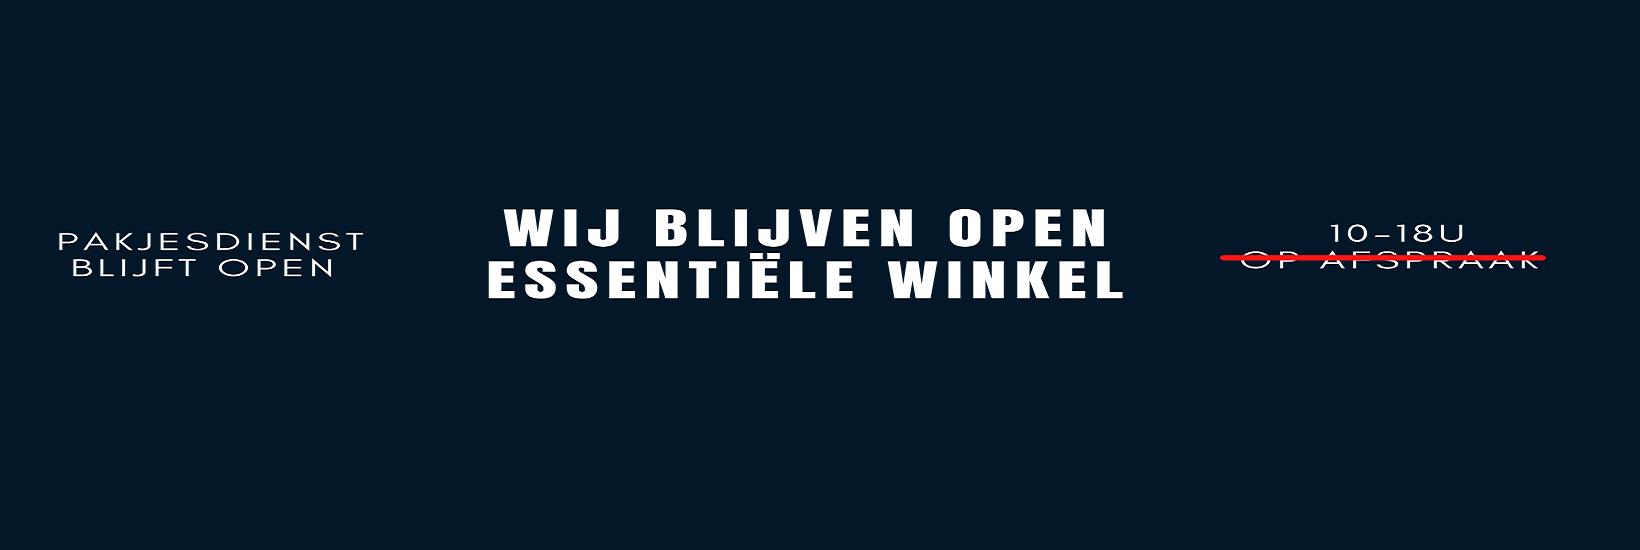 WIJ BLIJVEN OPEN ESSENTIËLE WINKEL